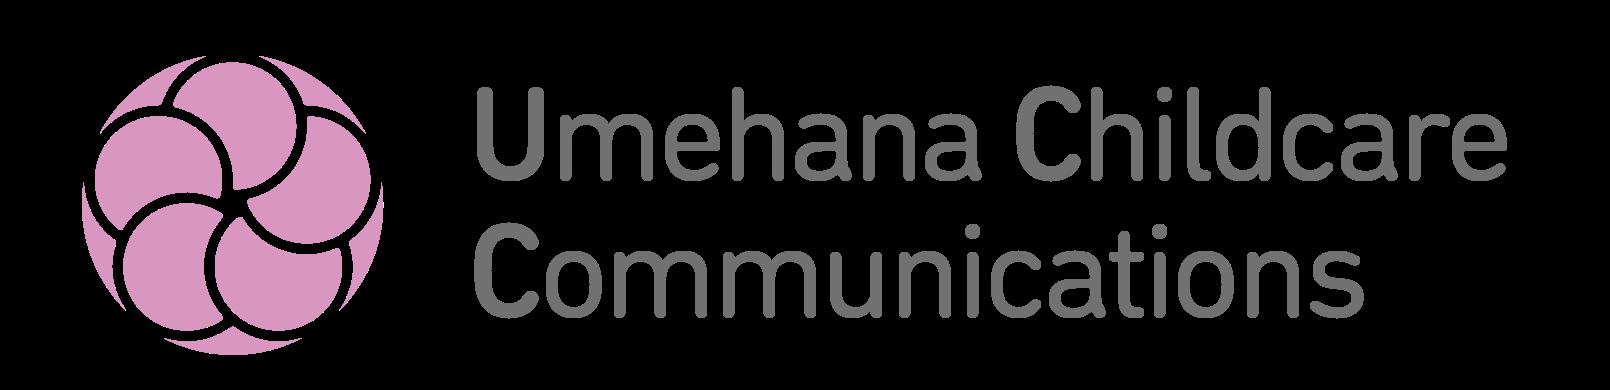 保育士コミュニケーション研修 UmehanaChildcareCommunications 公式HP